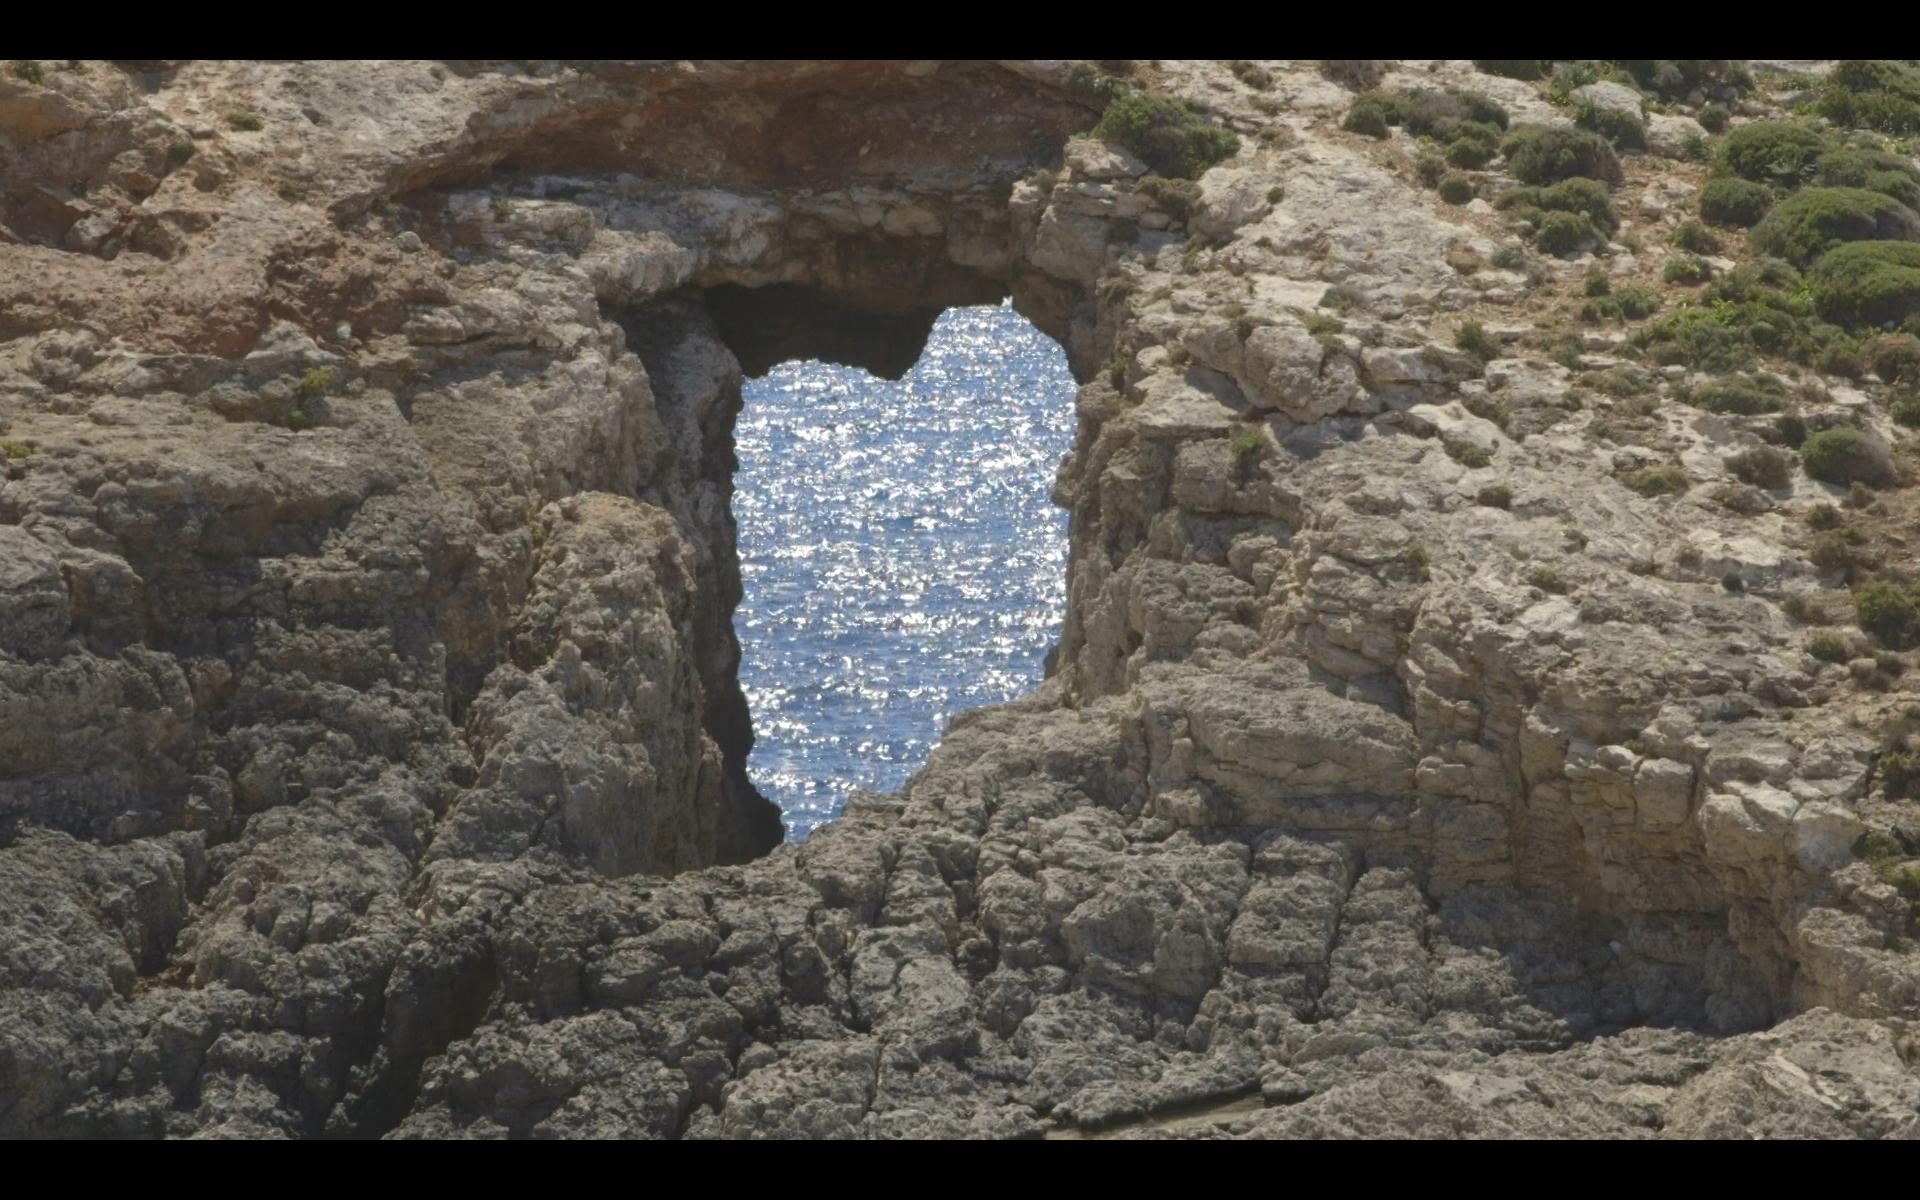 heart in the rocks